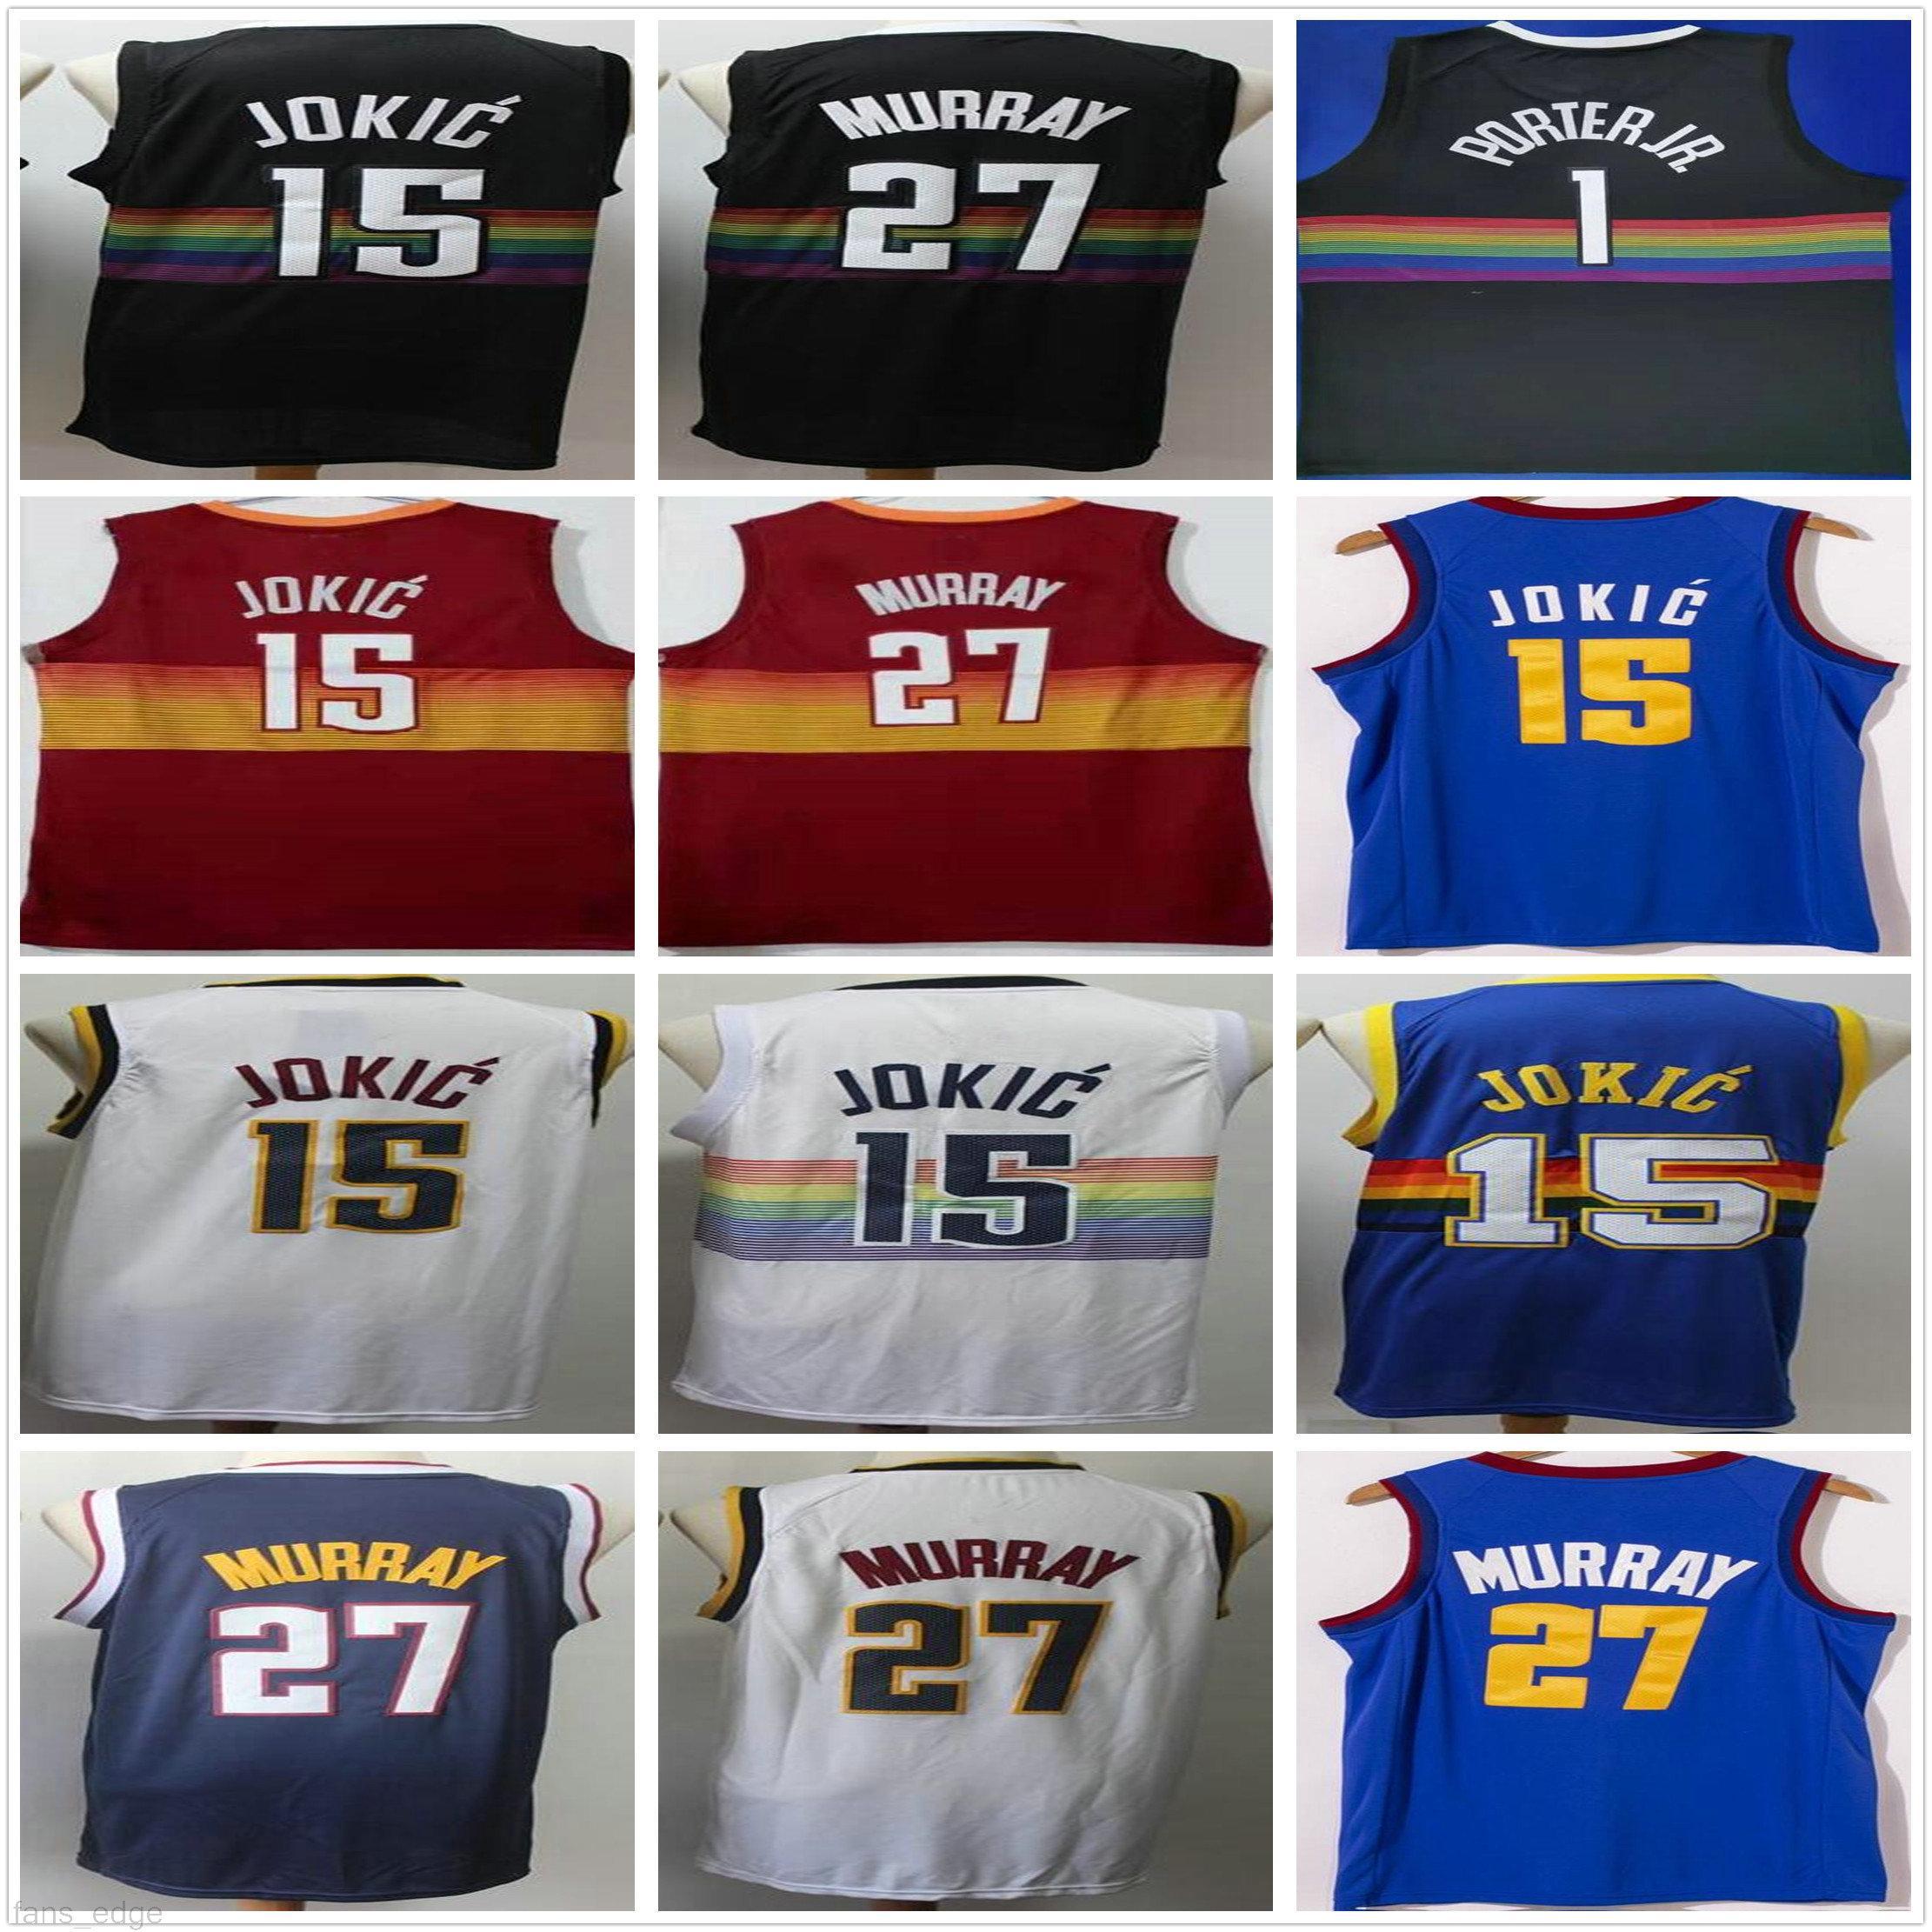 NCAA رجل نيكولا 15 Jokic جيرسي بالجملة رخيصة جمال 27 موراي مايكل 1 بورتر جونيور الرجعية أزرق أبيض أسود كرة السلة الفانيلة